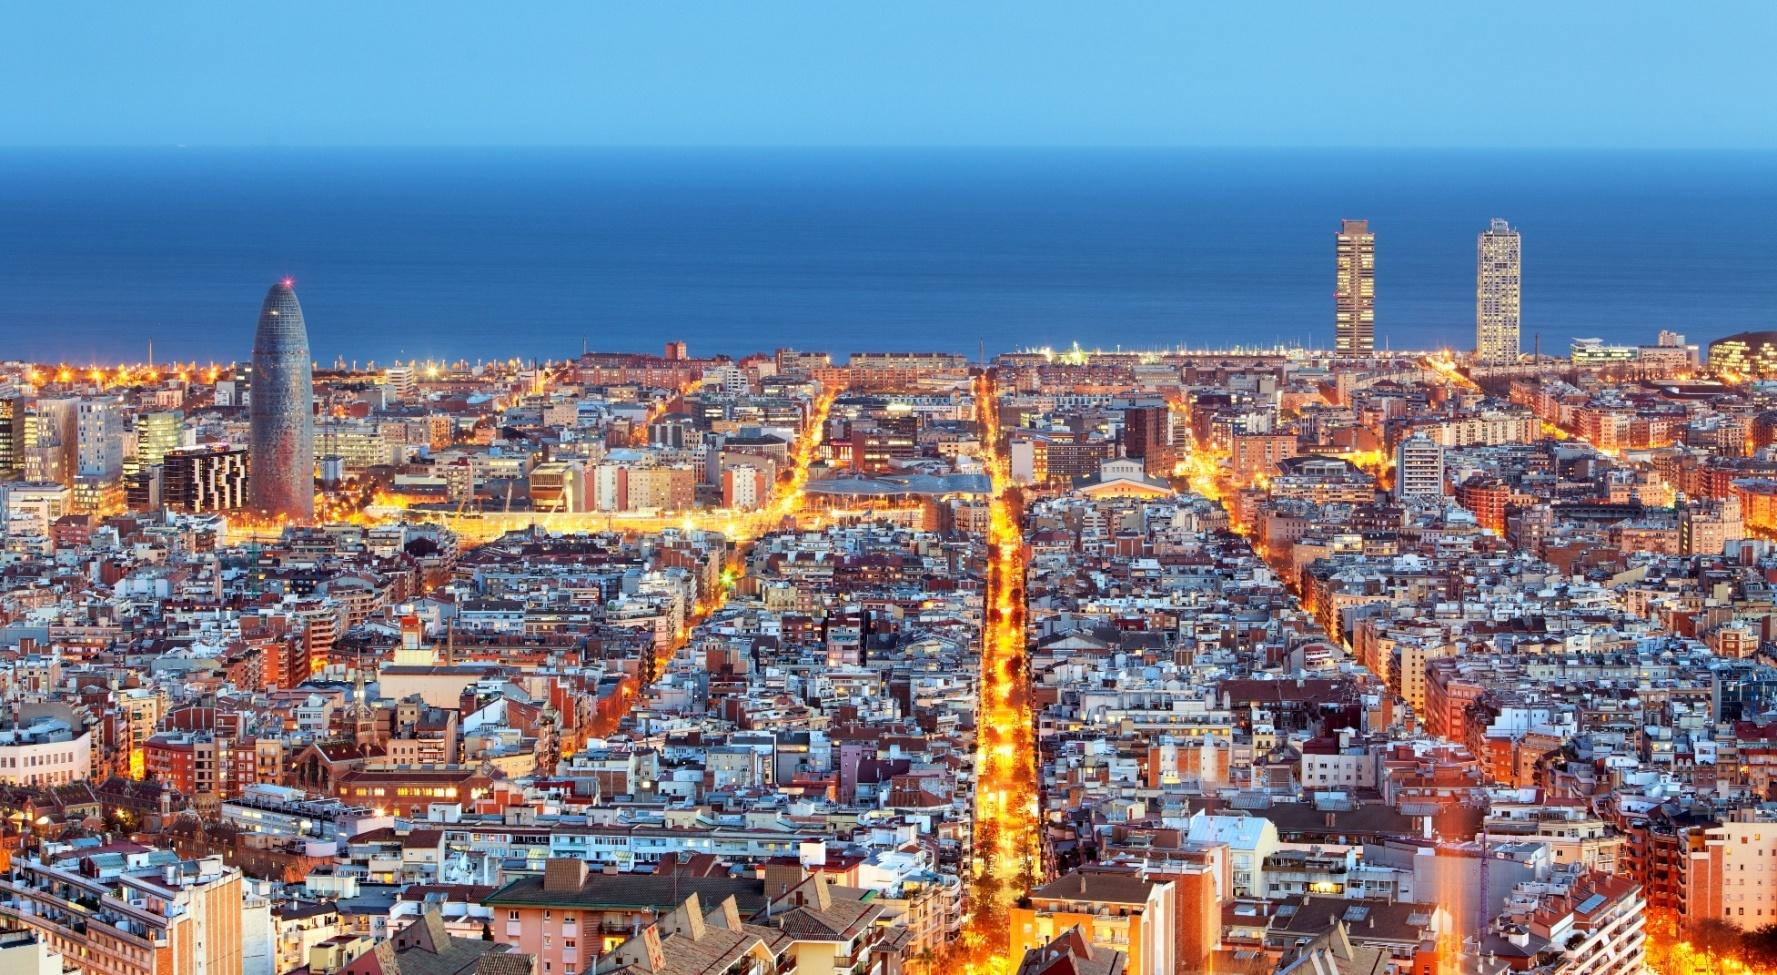 Barcelona_iStock-GettyImage